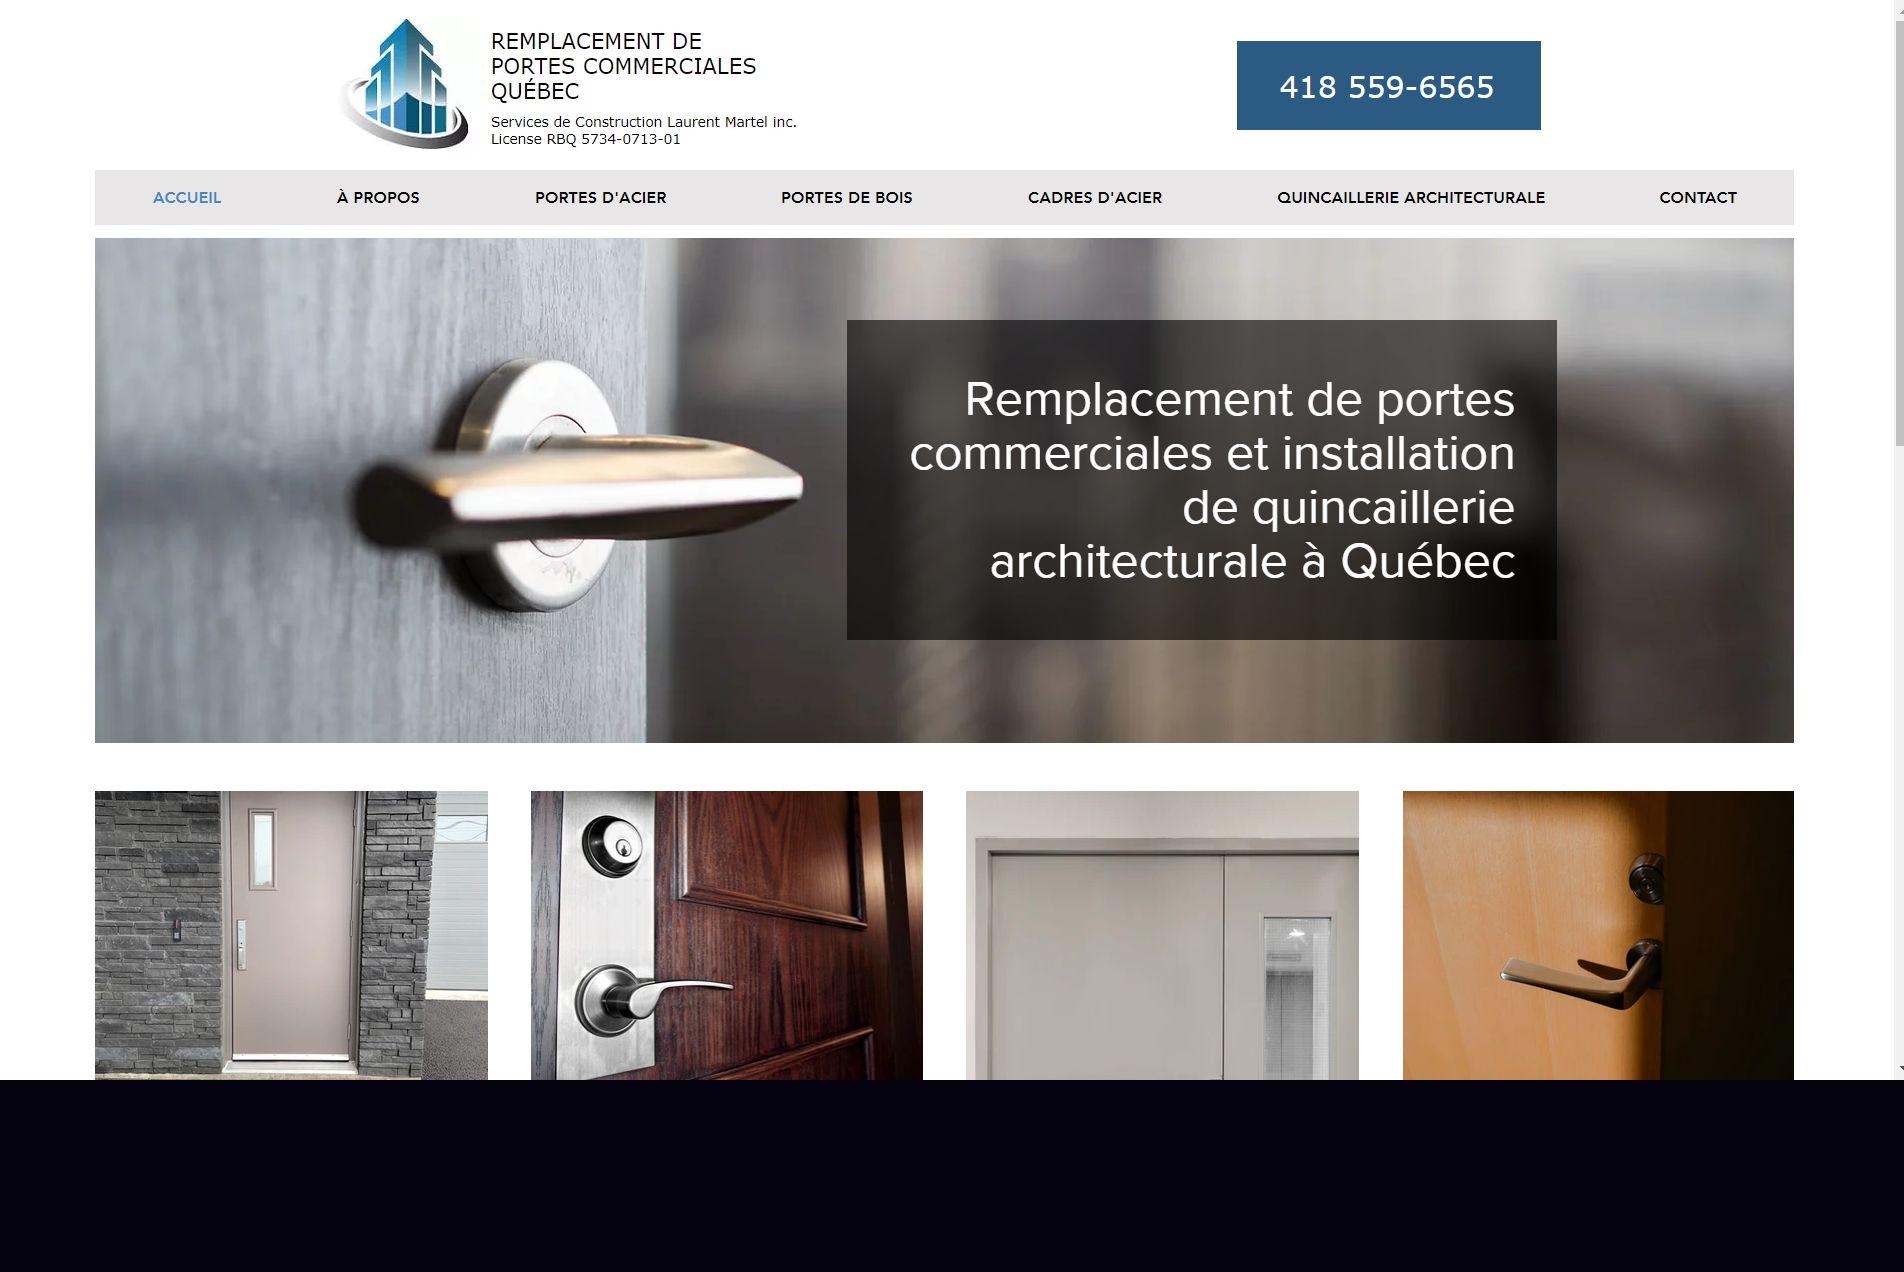 Remplacement de portes commerciales Québec